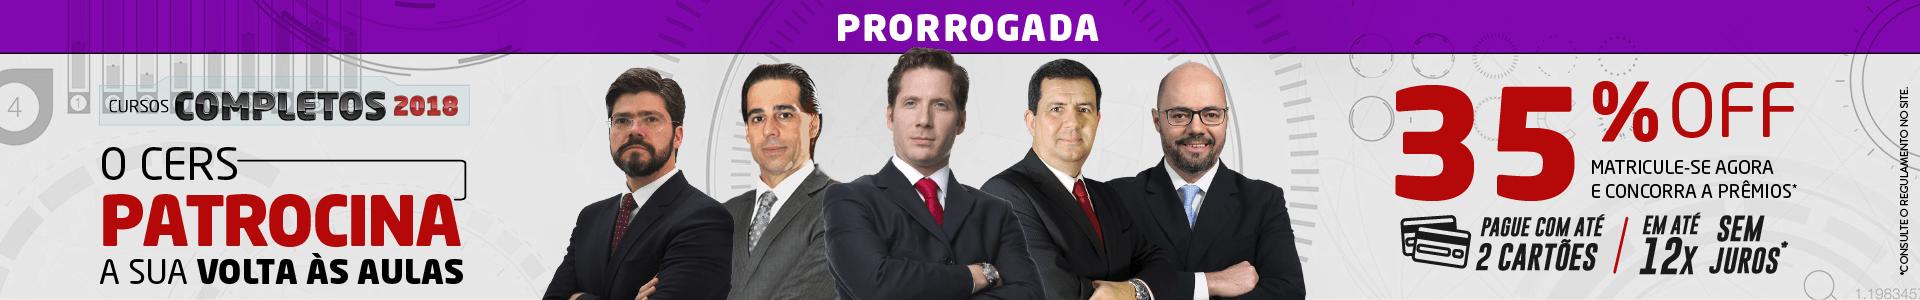 Cers patrocina \ promo \ 35% \ PRORROGADO